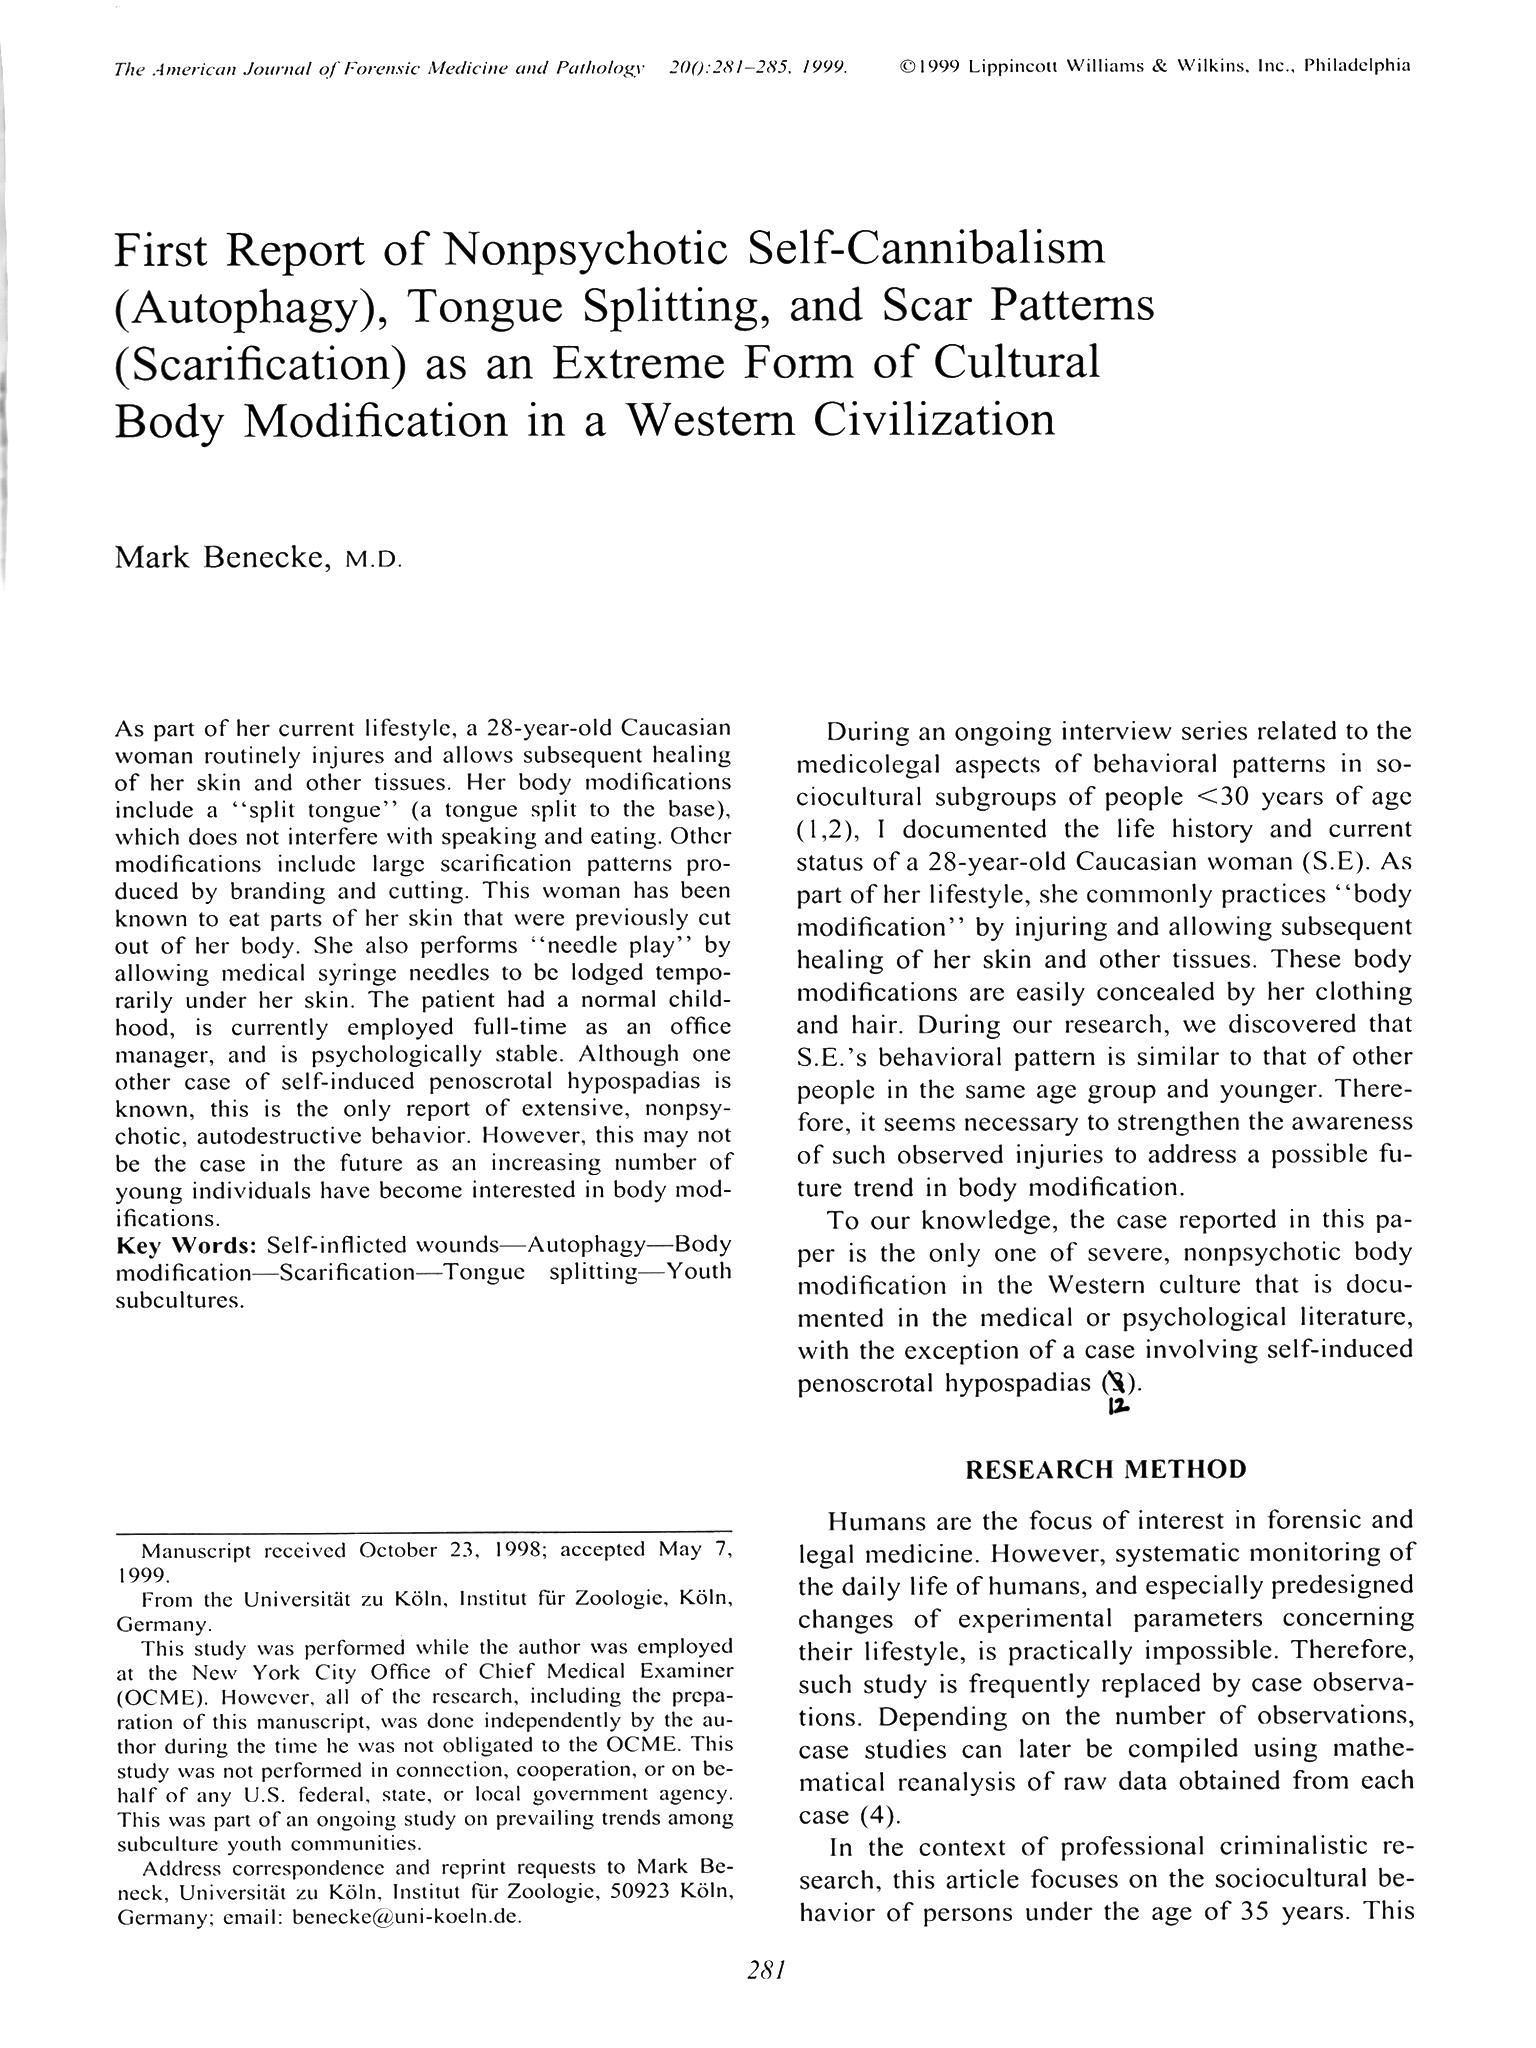 Benecke Pathologe